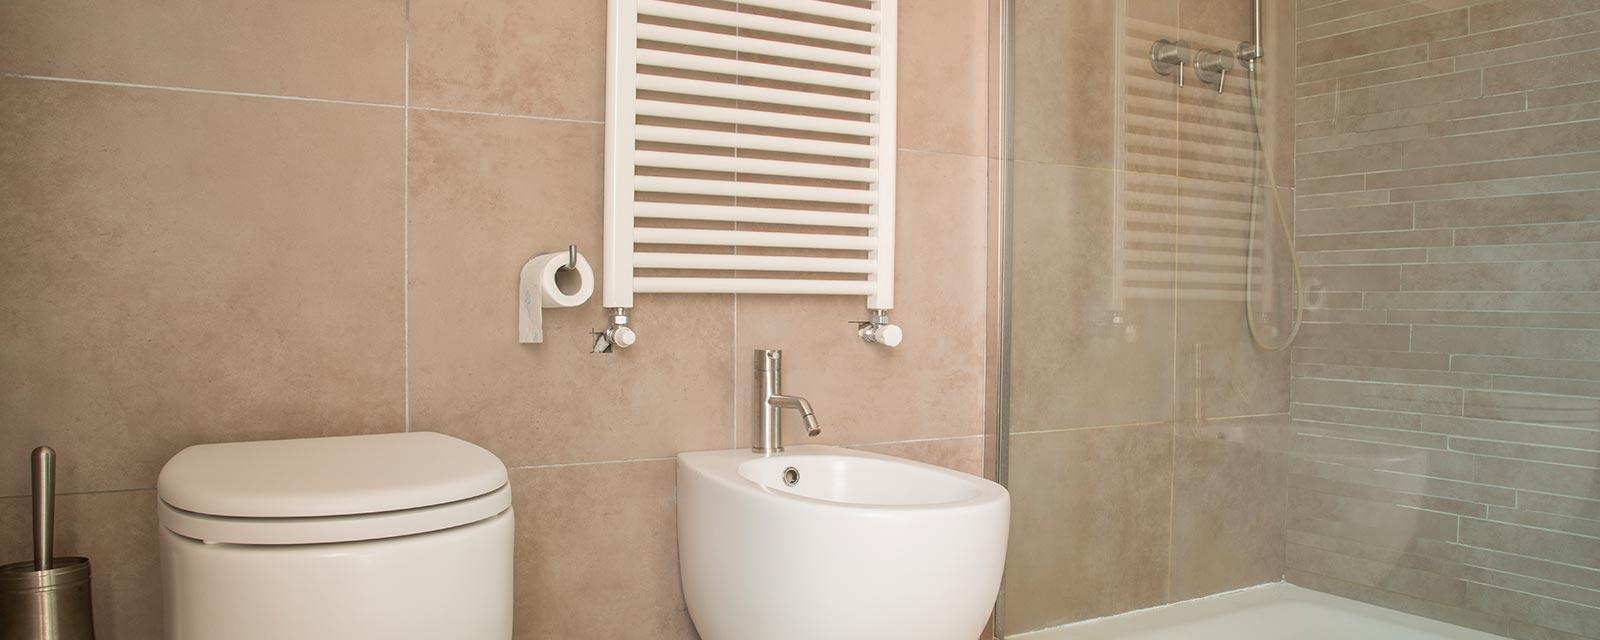 Salle De Bain Et Wc Dans Espace Reduit radiateur pour wc : lequel choisir ? | guide artisan